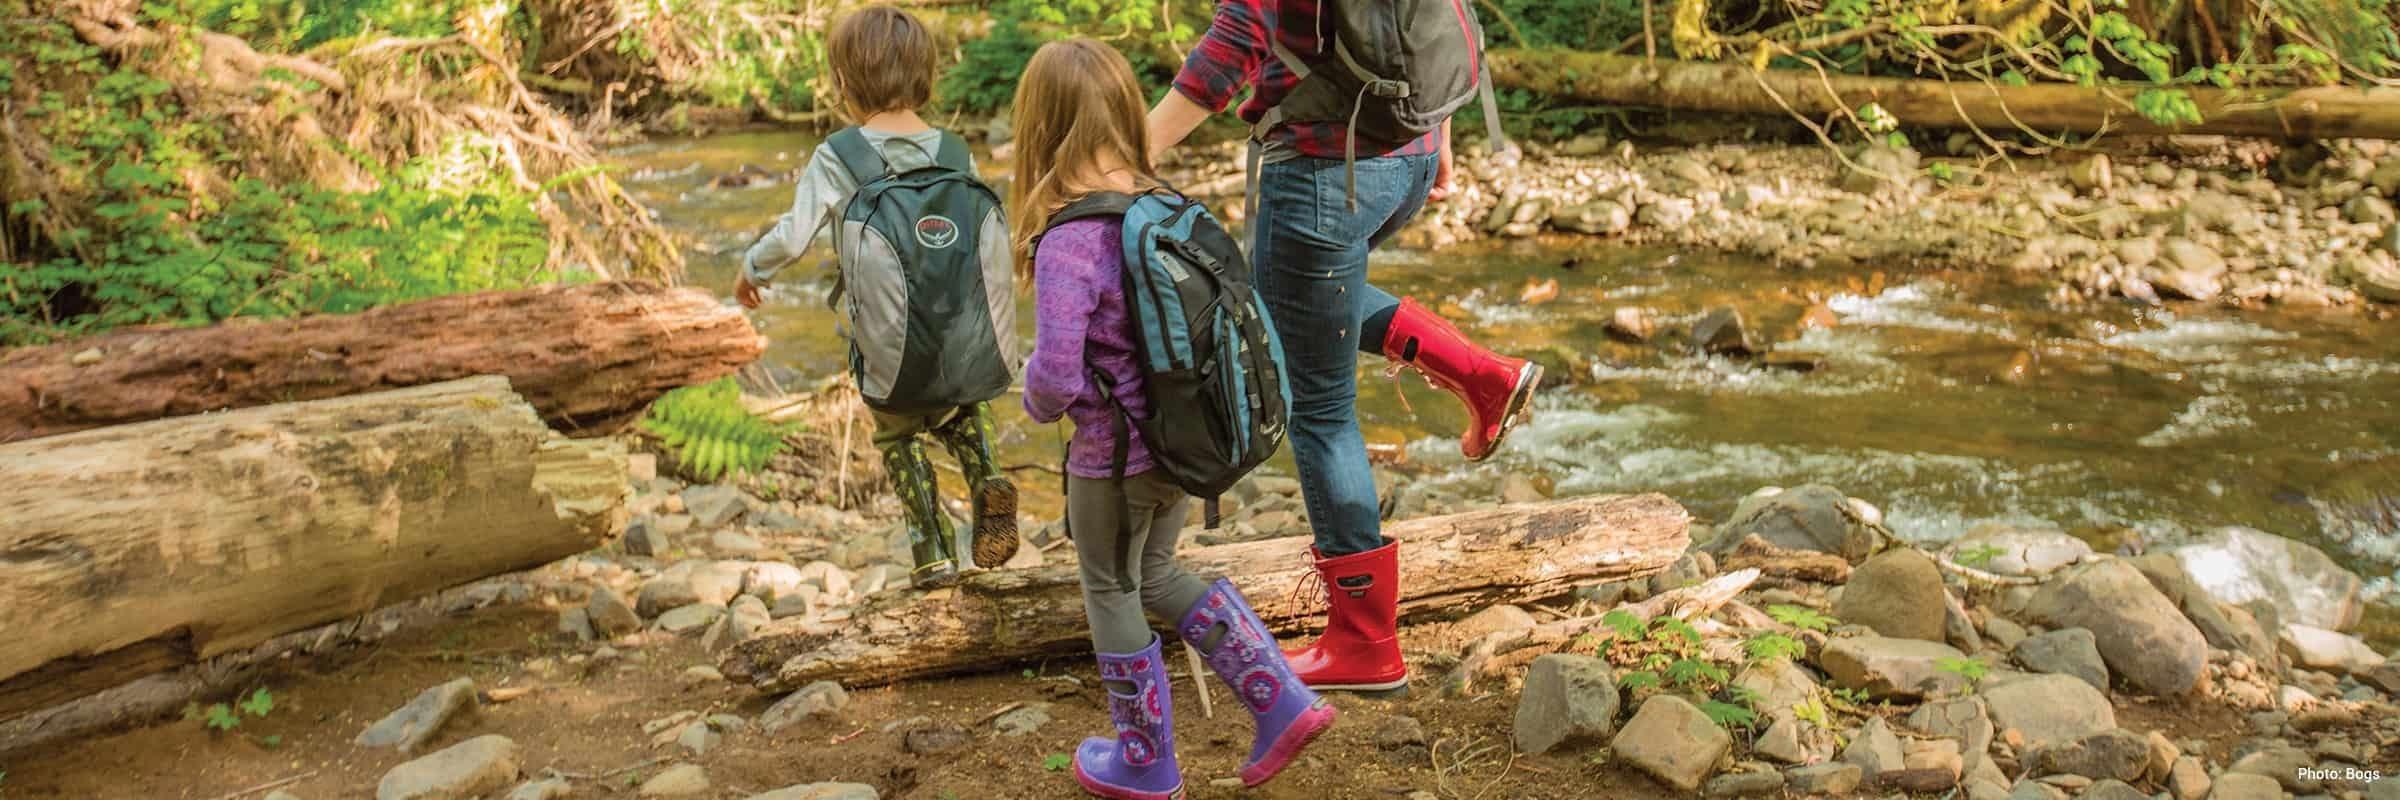 Aigle, Bogs, Hunter, Kamik. 6 bottes de pluie pour enfants parfaites pour l'automne